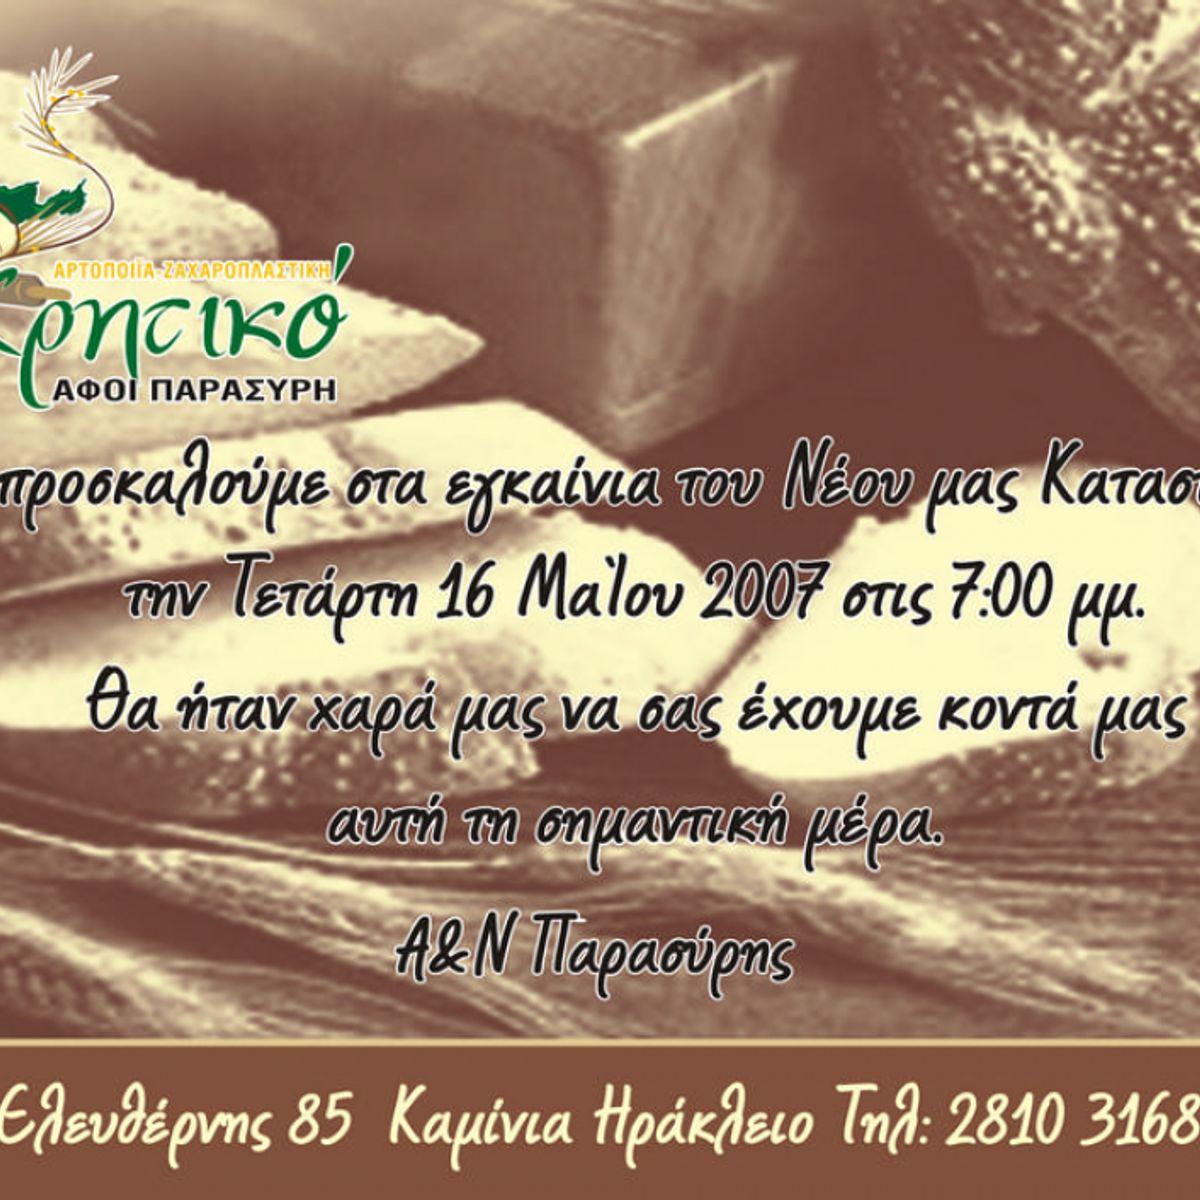 Προσκλήσεις - inv3610